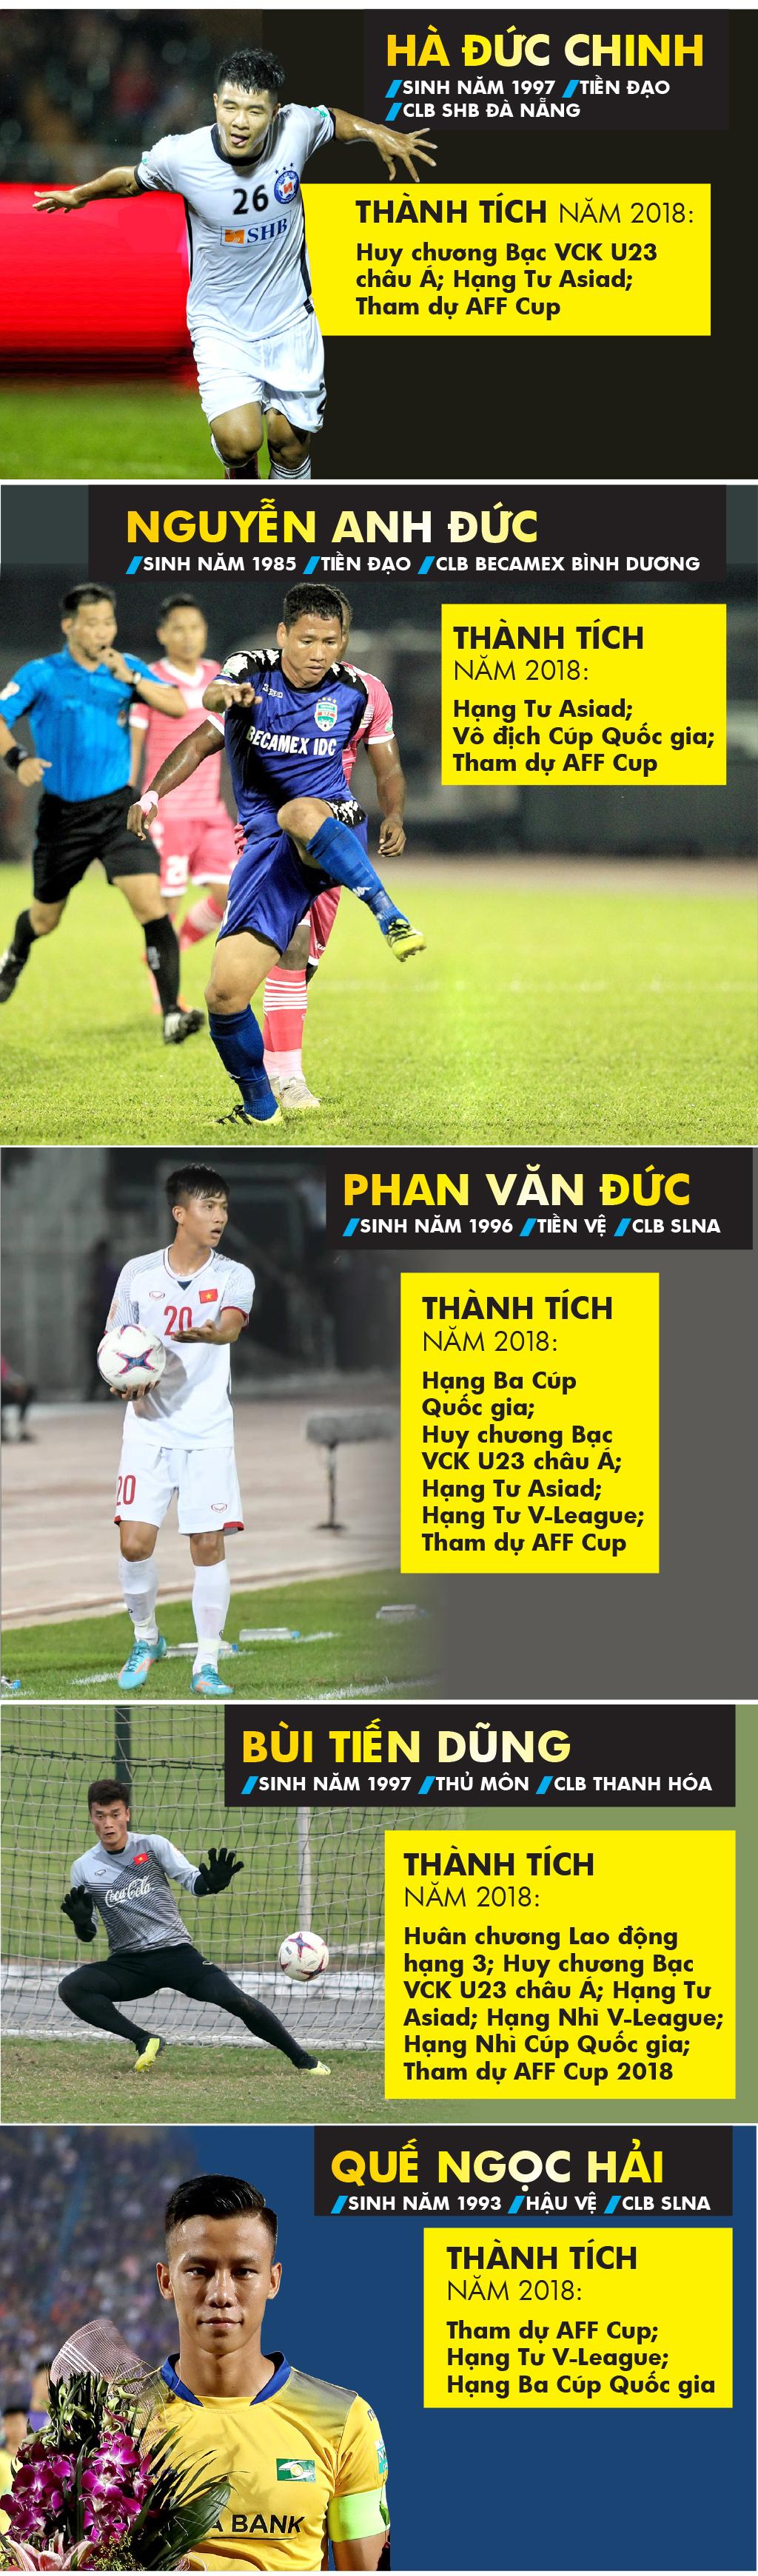 Những cầu thủ nào là ứng viên Giải thưởng Quả bóng Vàng nam 2018? ảnh 1